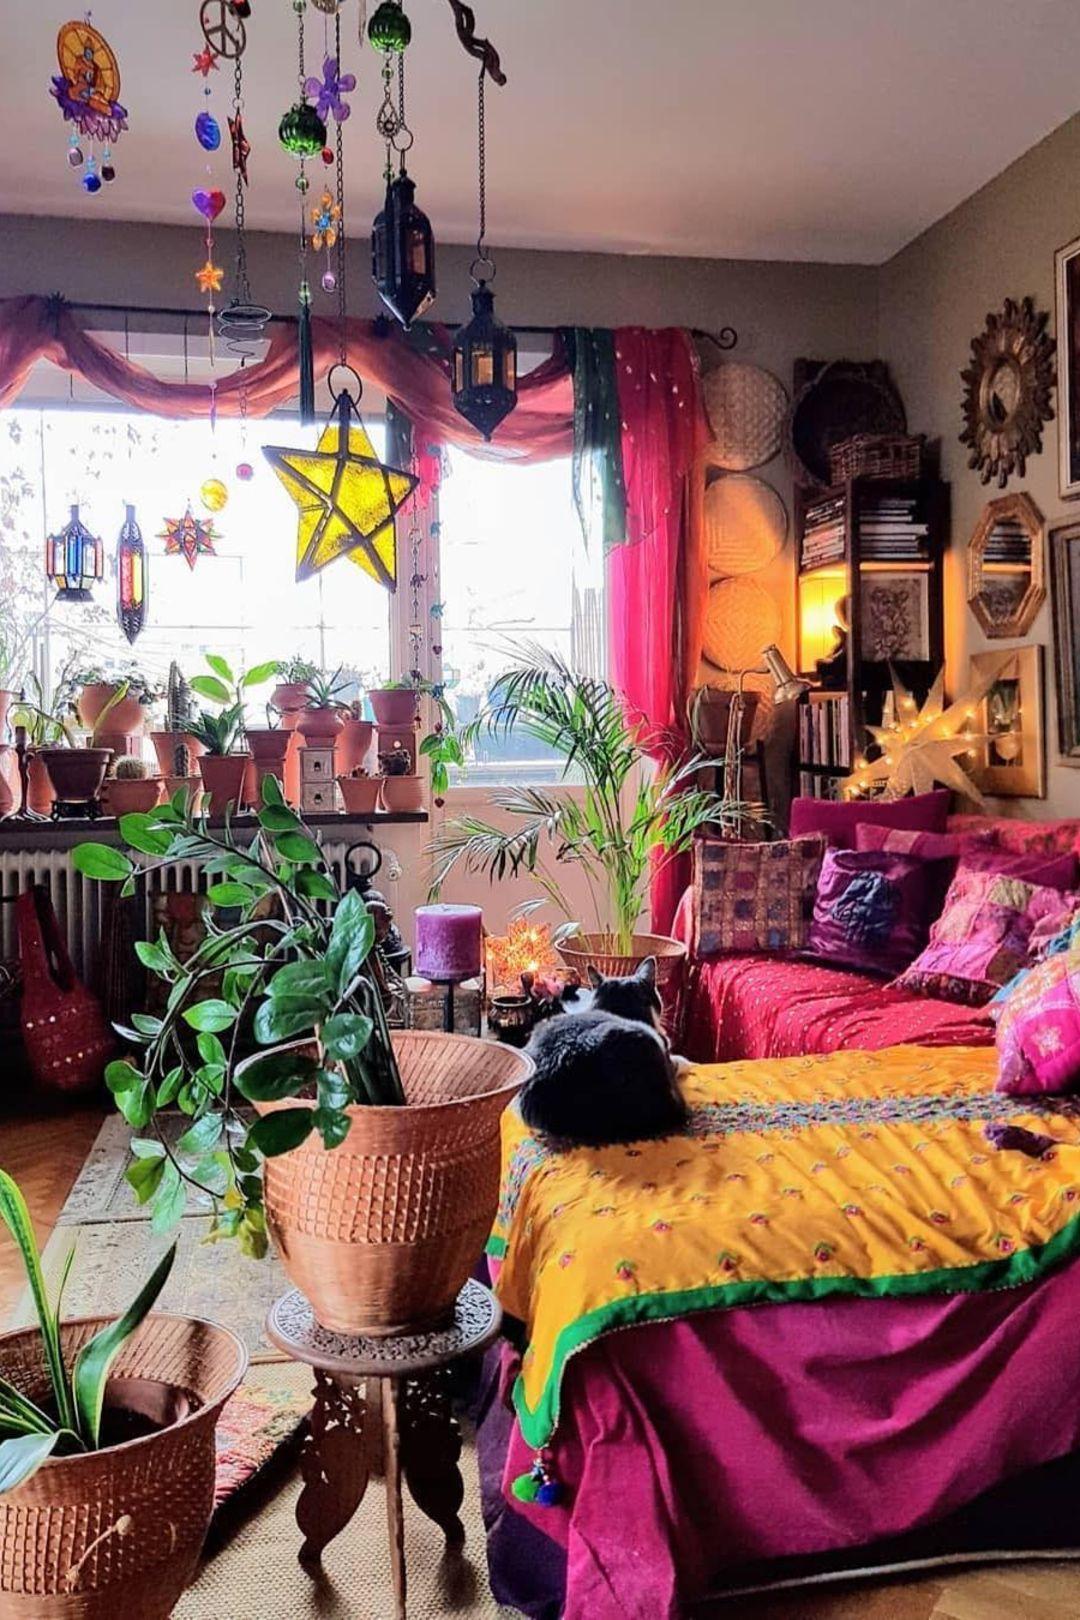 4 1 Bohemian Bedroom Designs Elcune Indie Room Decor Boho Bedroom Decor Bohemian Bedroom Design Hippie style bedroom ideas